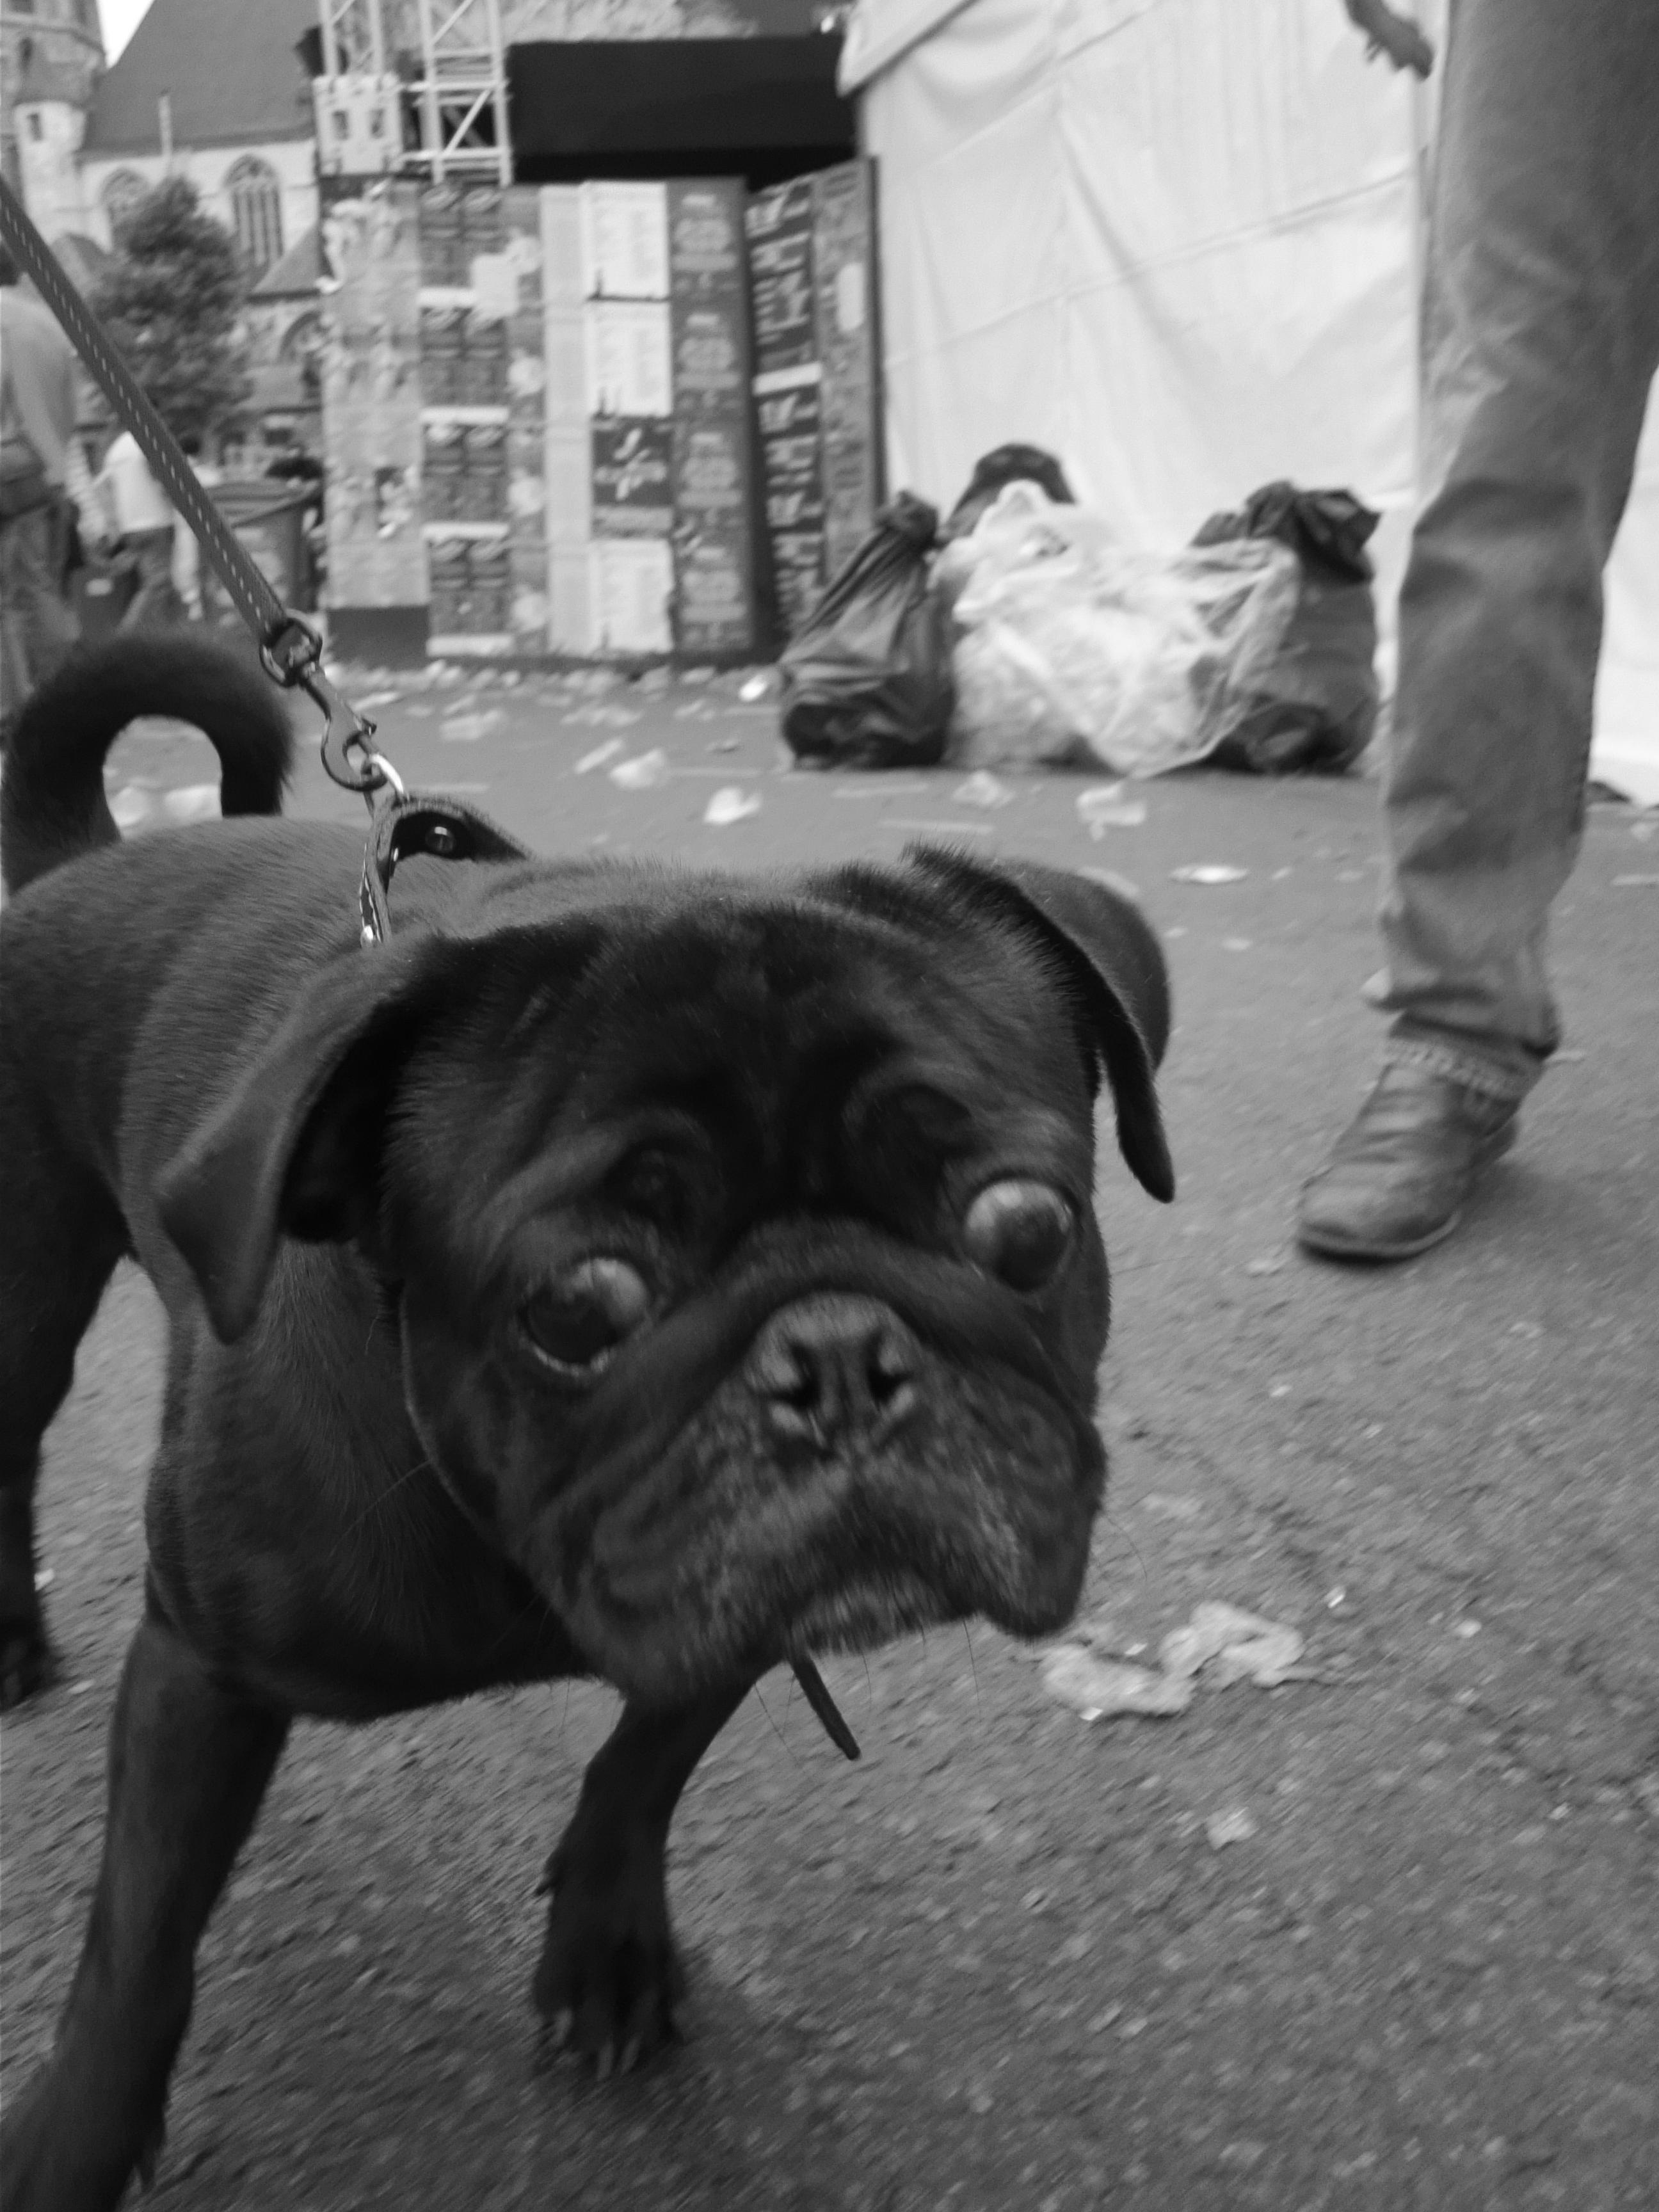 Des ochtends op de Vlasmarkt zien zelfs de honden er doorzopen uit.